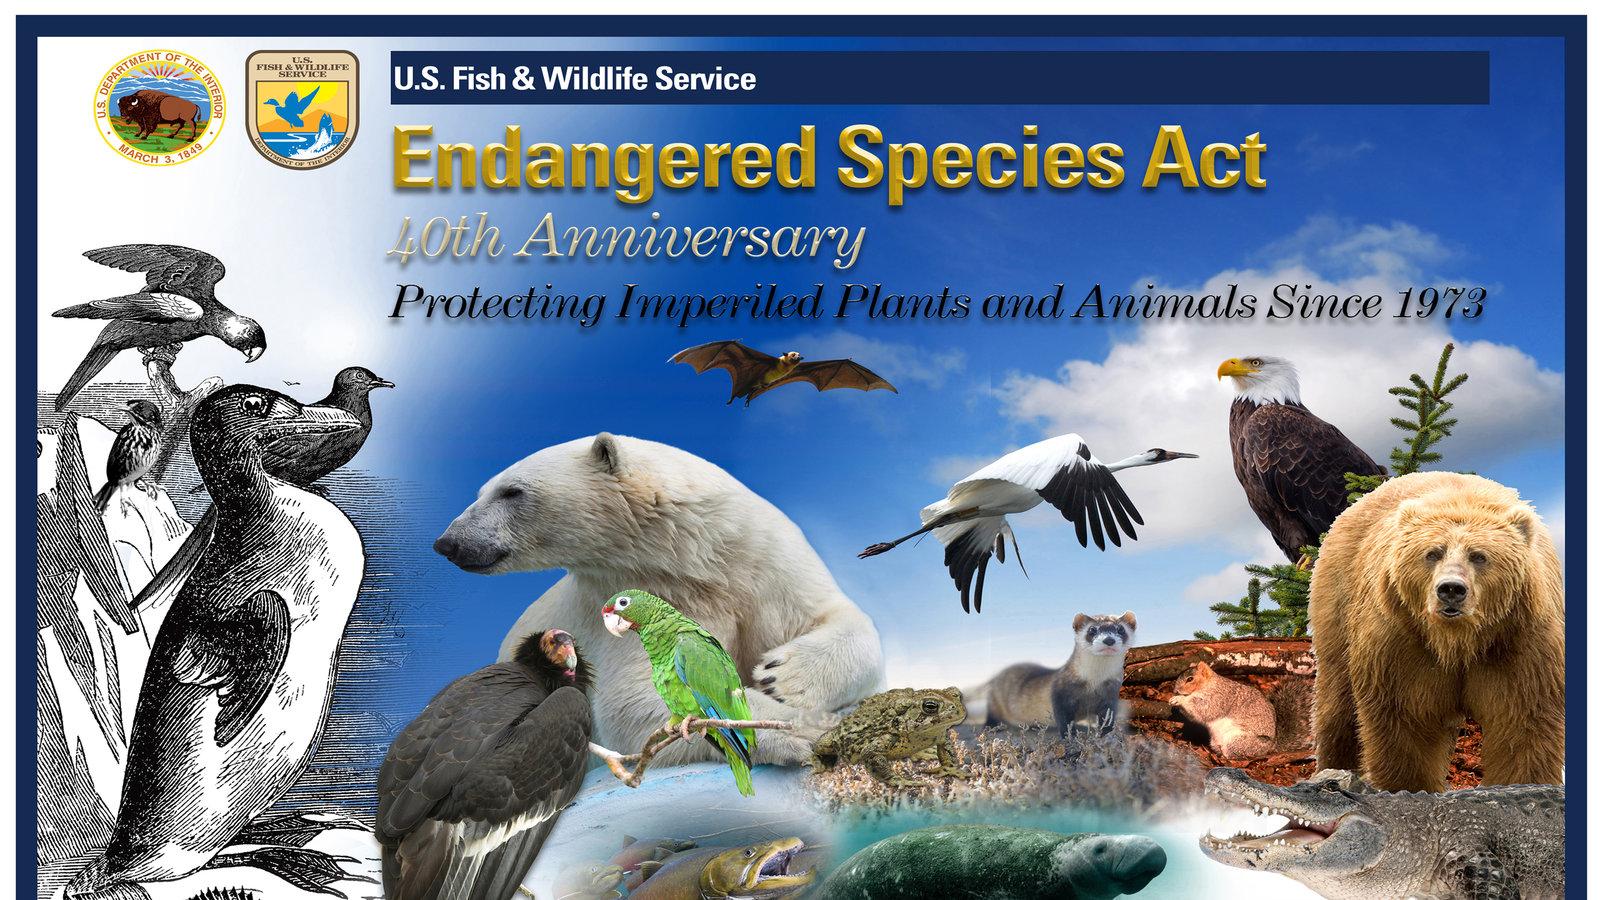 fotomontaggio colori, animali in via estinzione, orsi, volatili, pesci, mammiferi marini, roditori, intestato endangered species act, 40o anniversario